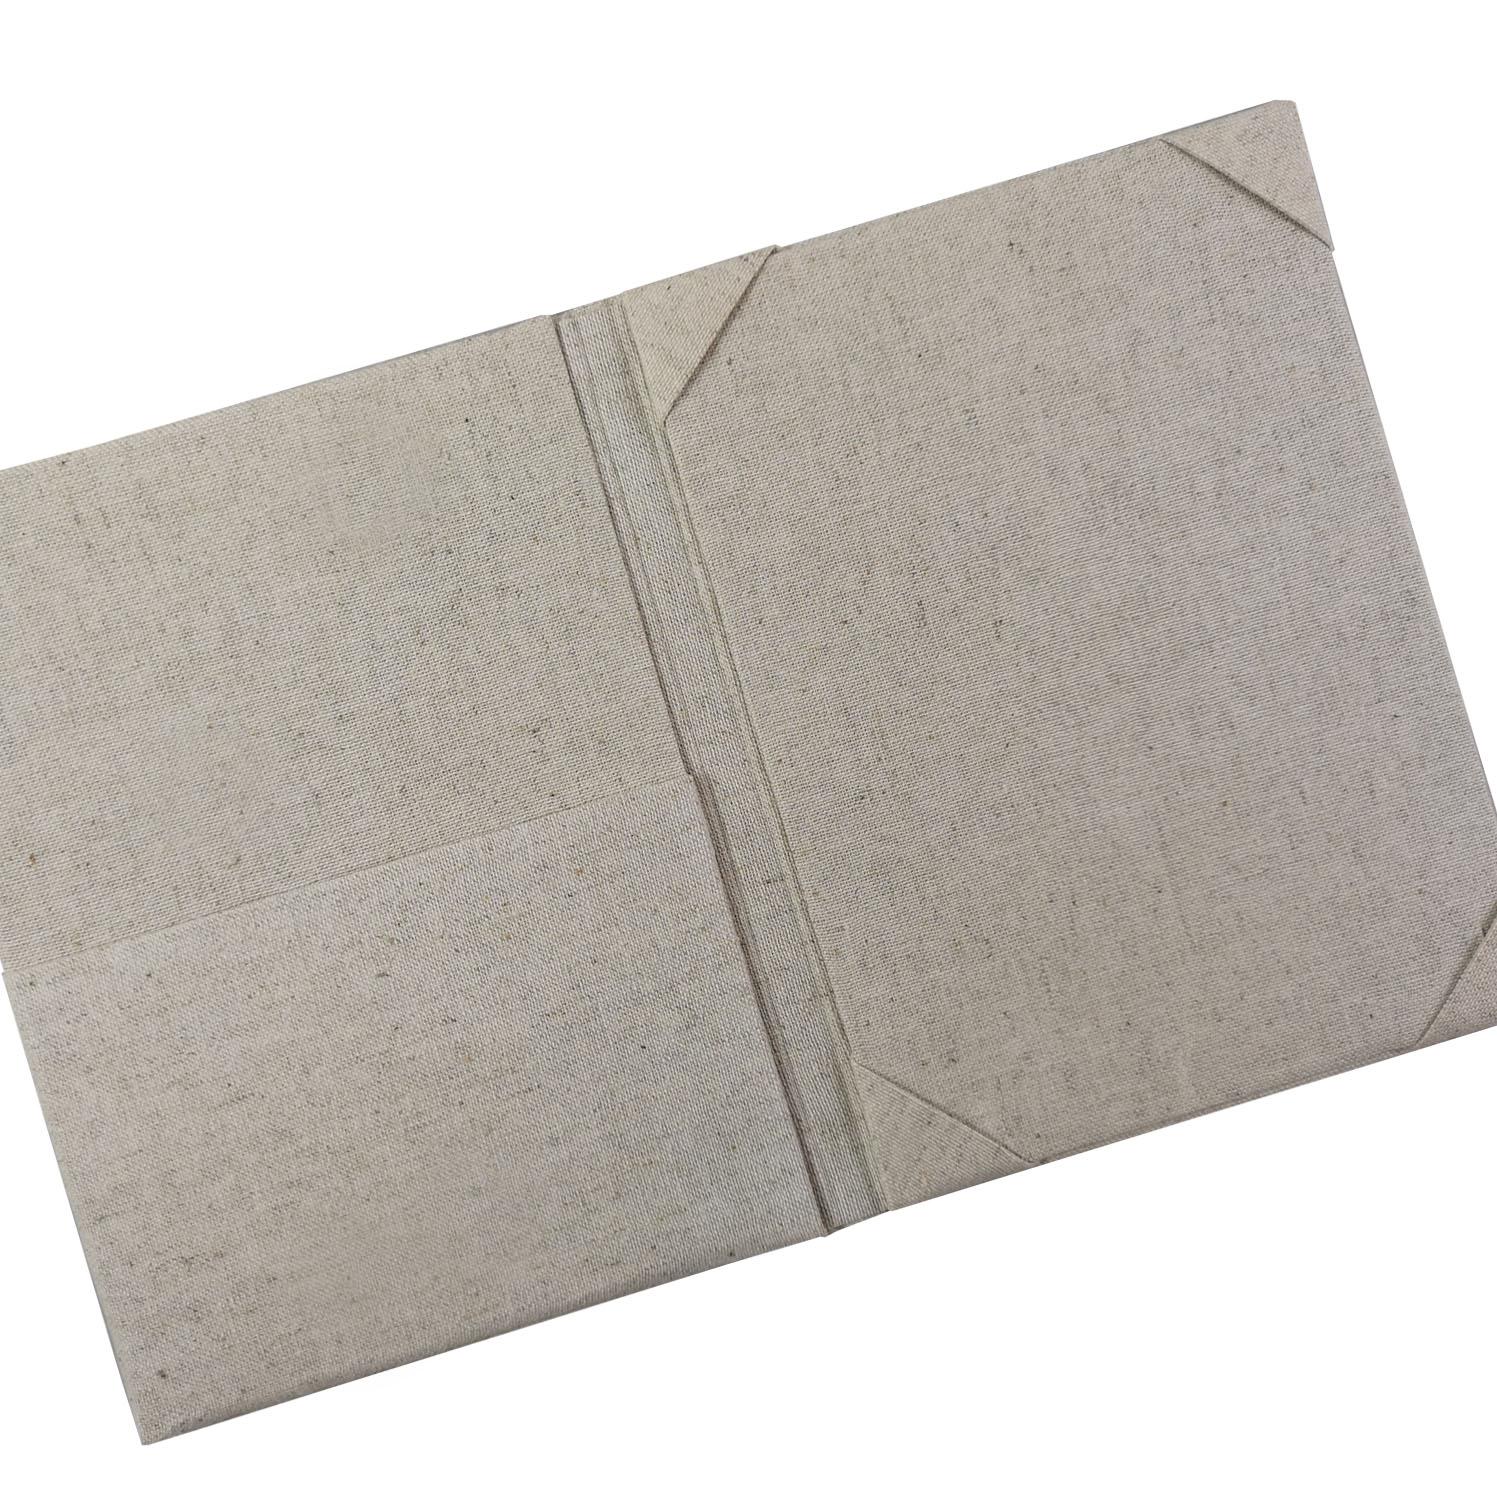 Linen wedding card holder